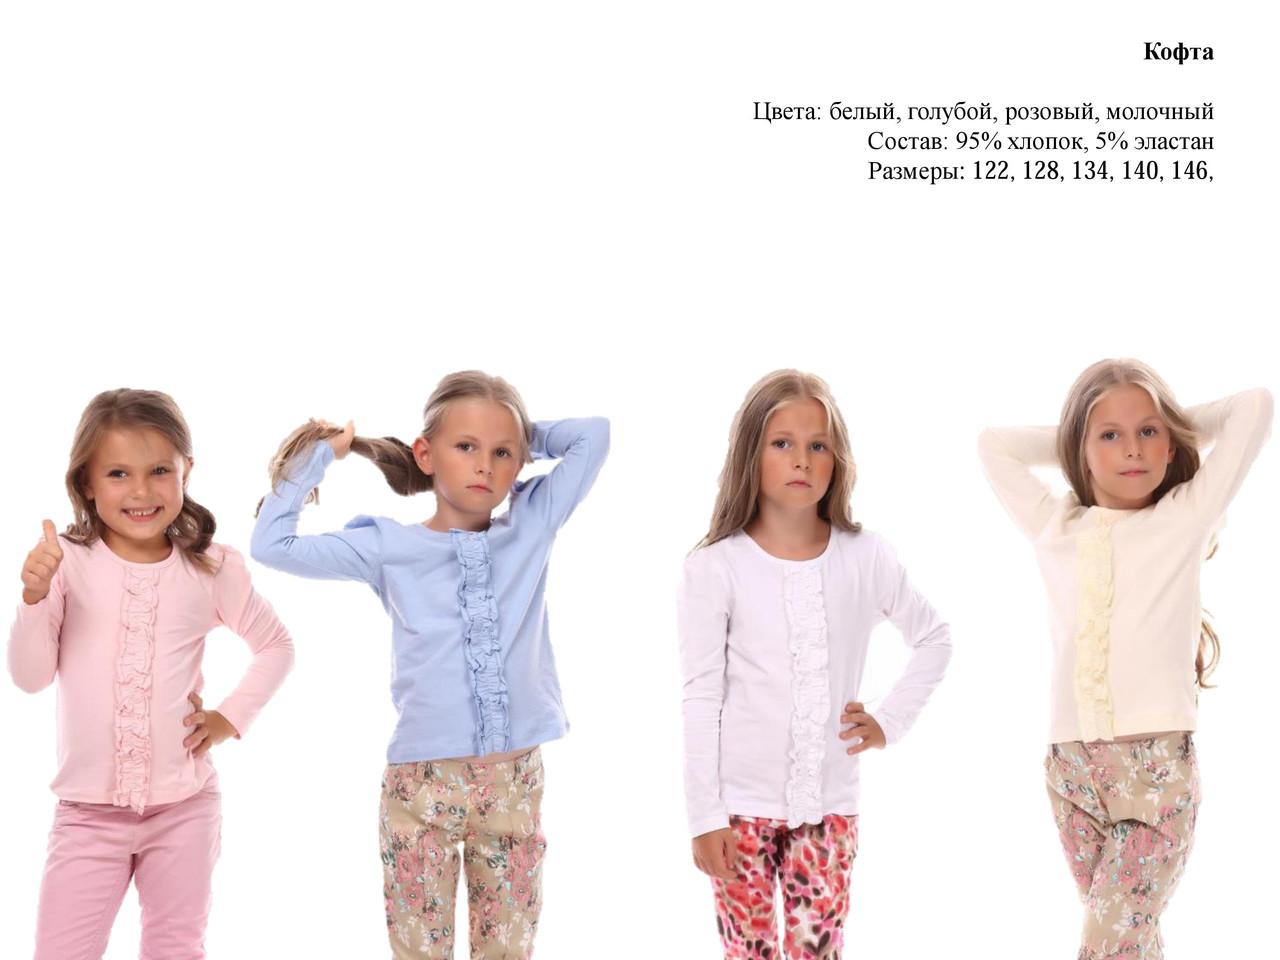 Блуза для девочки Вертикальная оборка. Размер 122 - 146 см